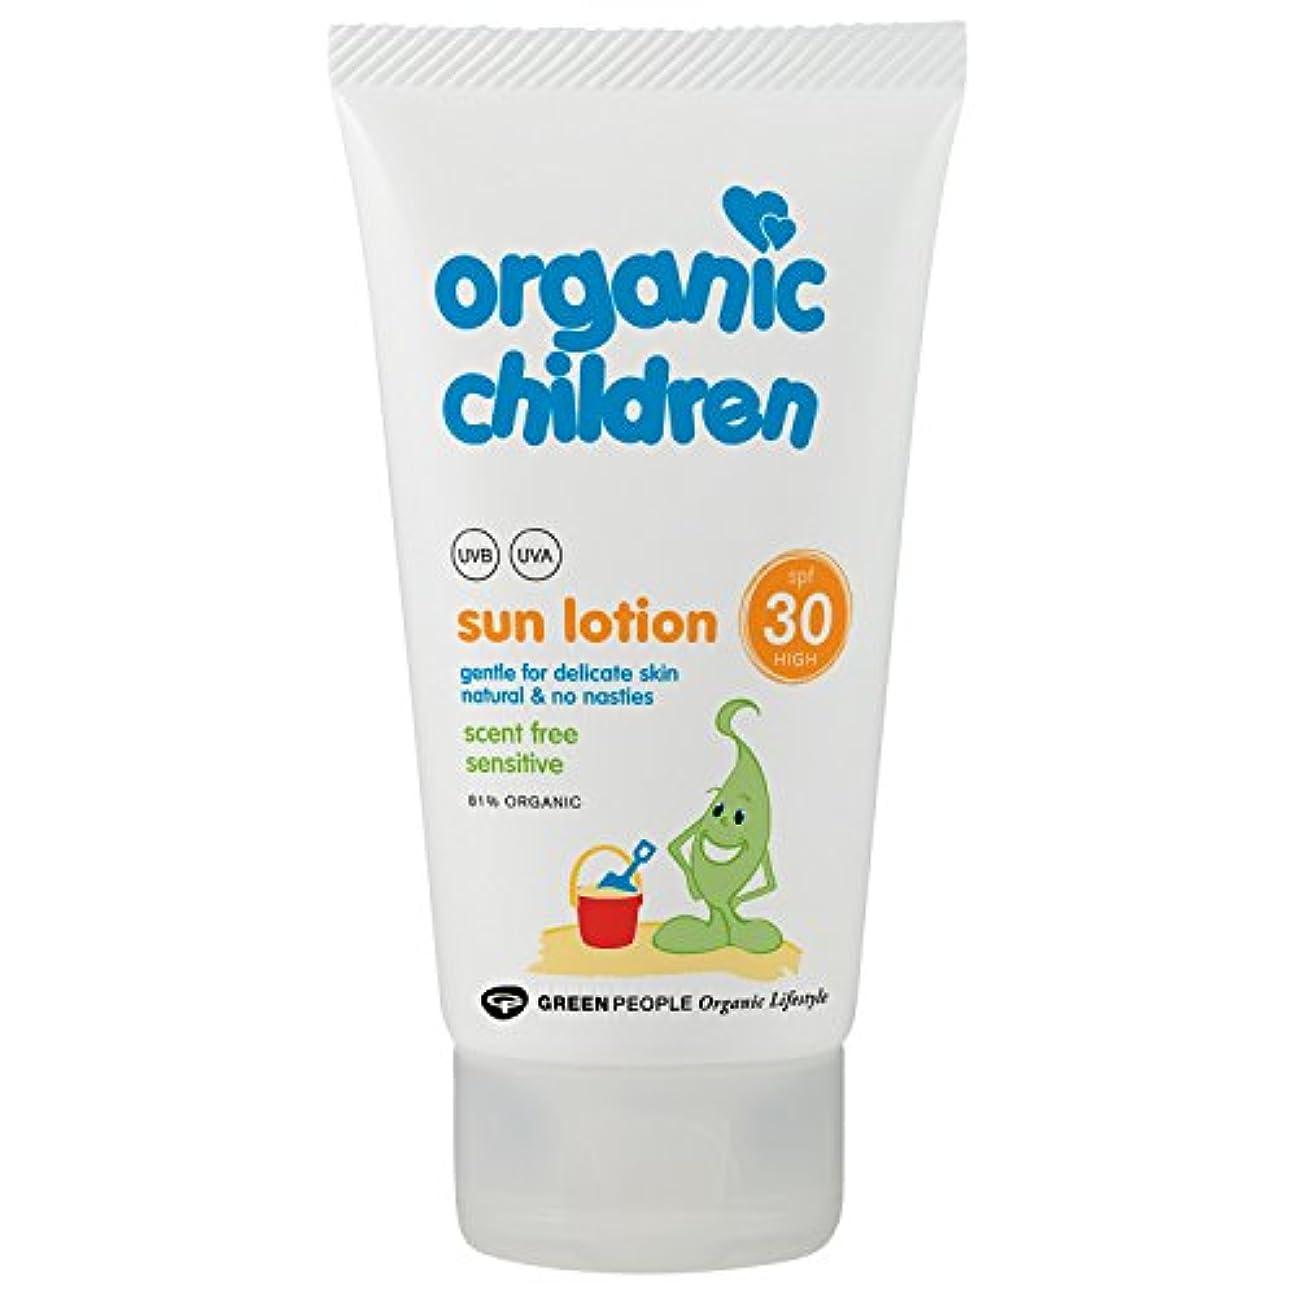 必需品生まれスカイ有機子どもたちは30日のローション150グラムを x4 - Organic Children SPF 30 Sun Lotion 150g (Pack of 4) [並行輸入品]